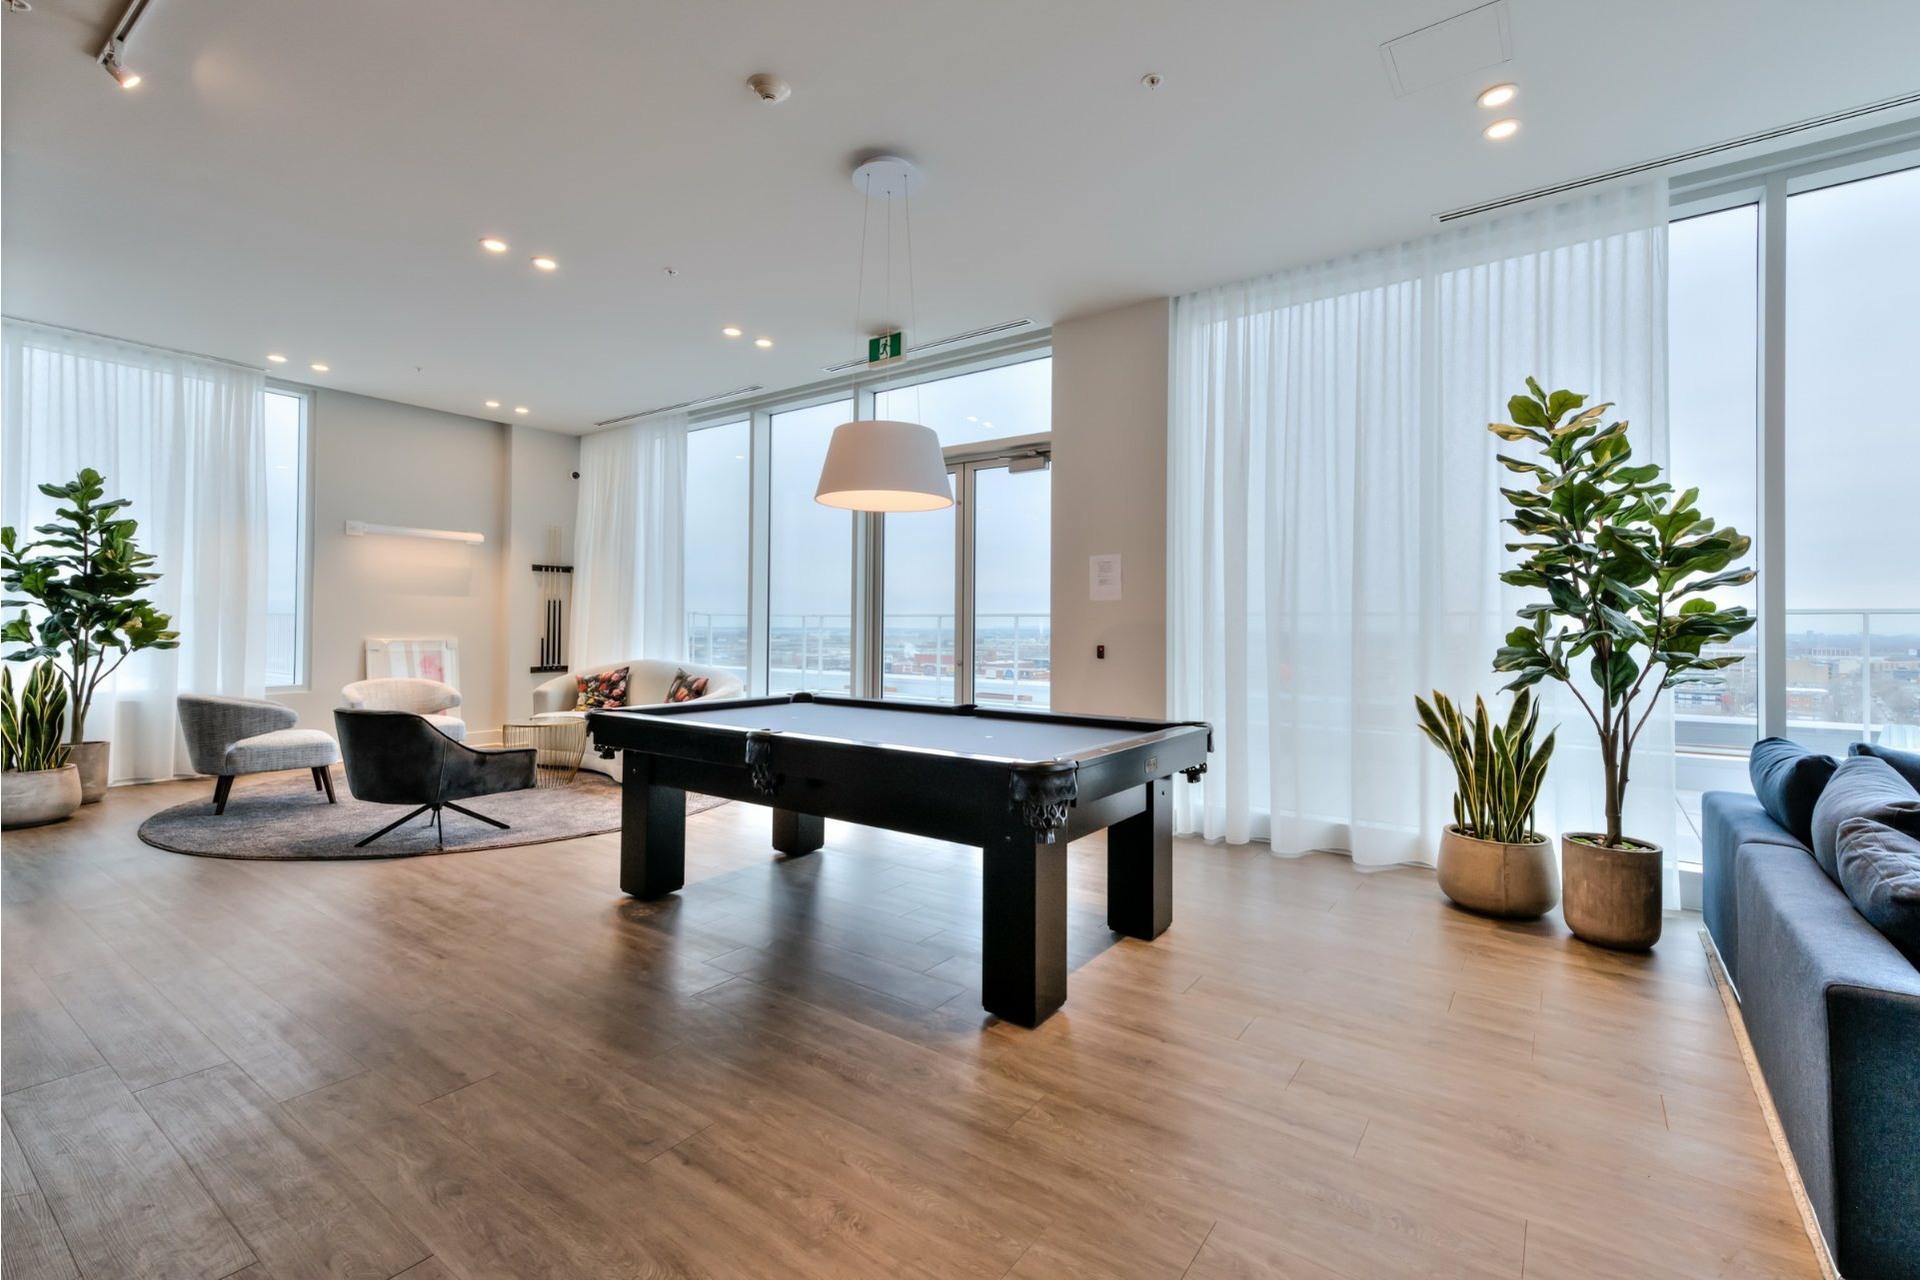 image 20 - Apartment For sale Côte-des-Neiges/Notre-Dame-de-Grâce Montréal  - 4 rooms